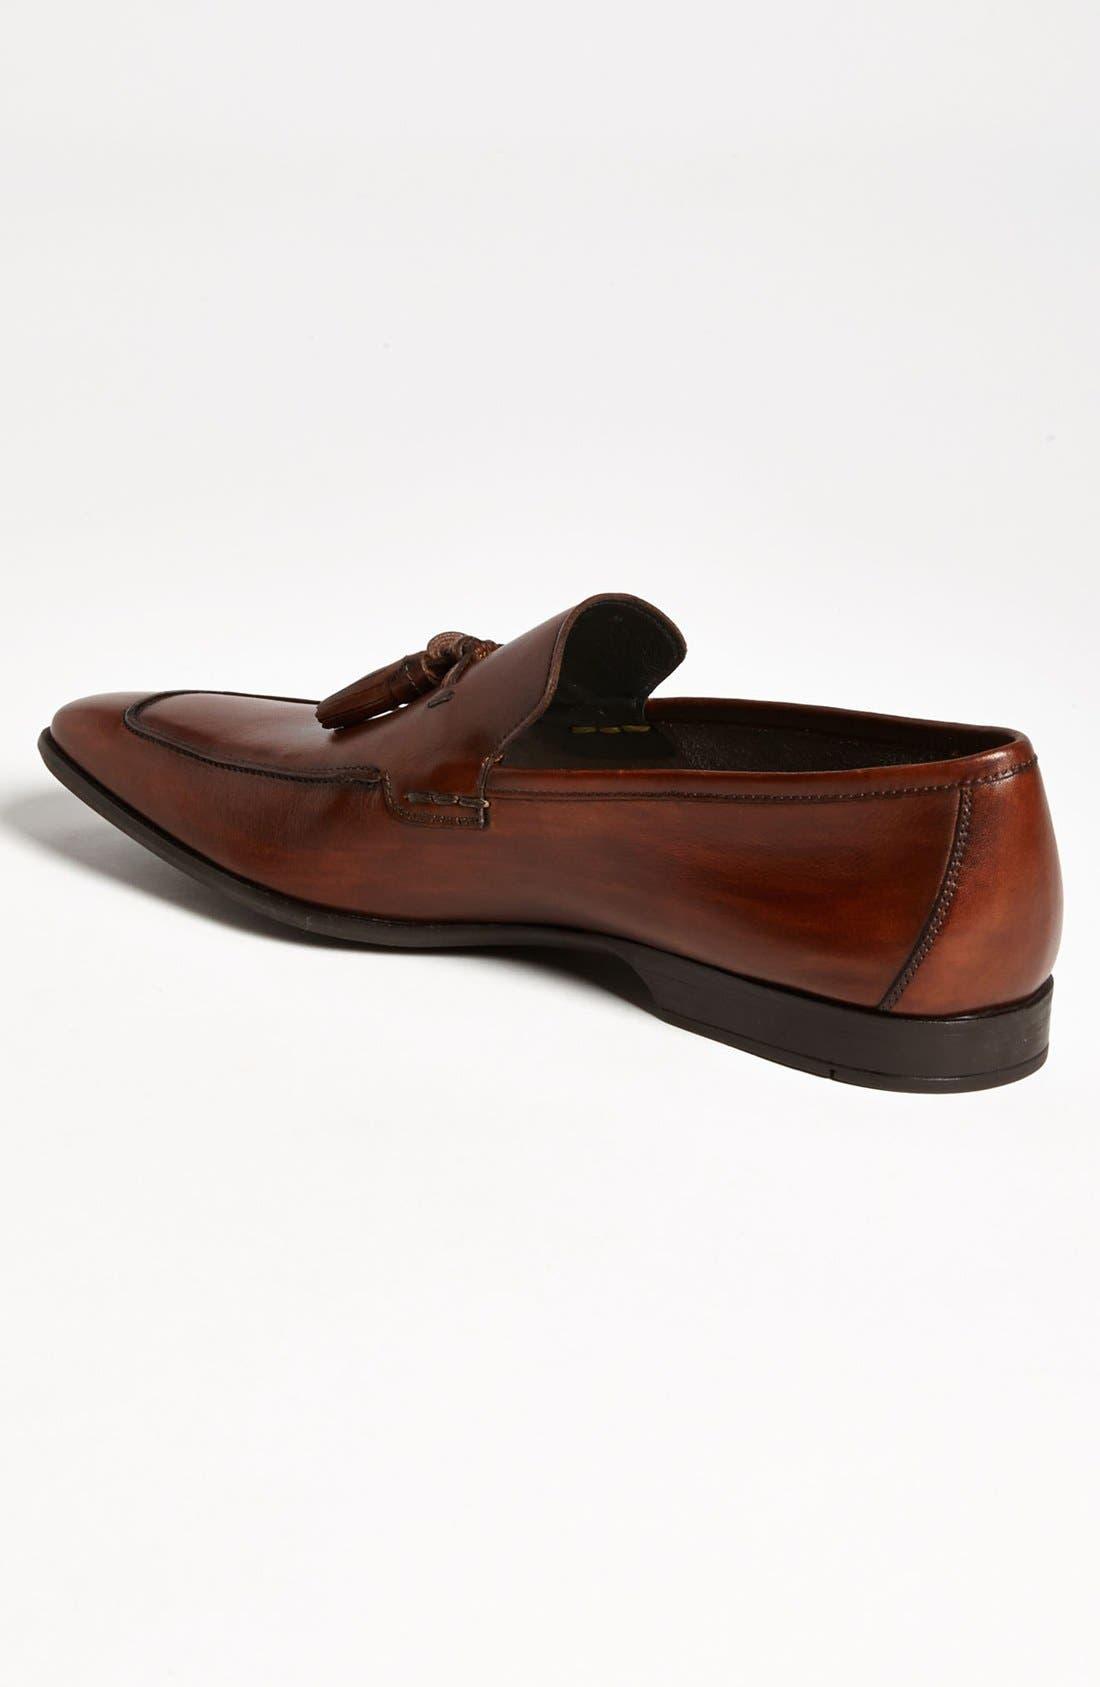 Alternate Image 2  - Magnanni 'Faleo' Tassel Loafer